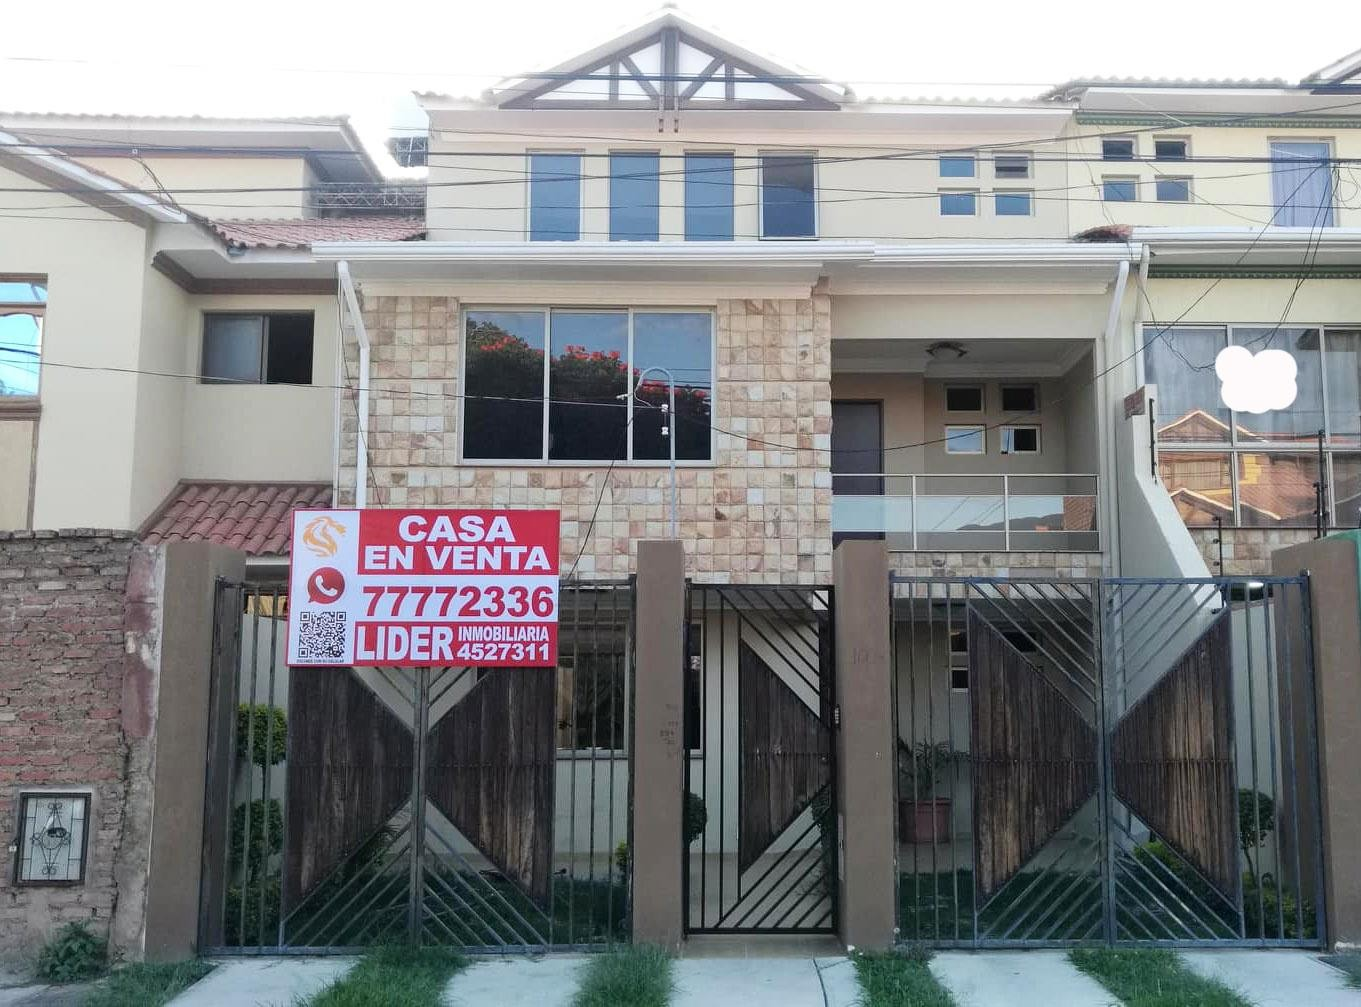 Casa en Venta CHALET PROXIMO AV. AMÉRICA OESTE (BARRIO PROFESIONAL) Foto 1